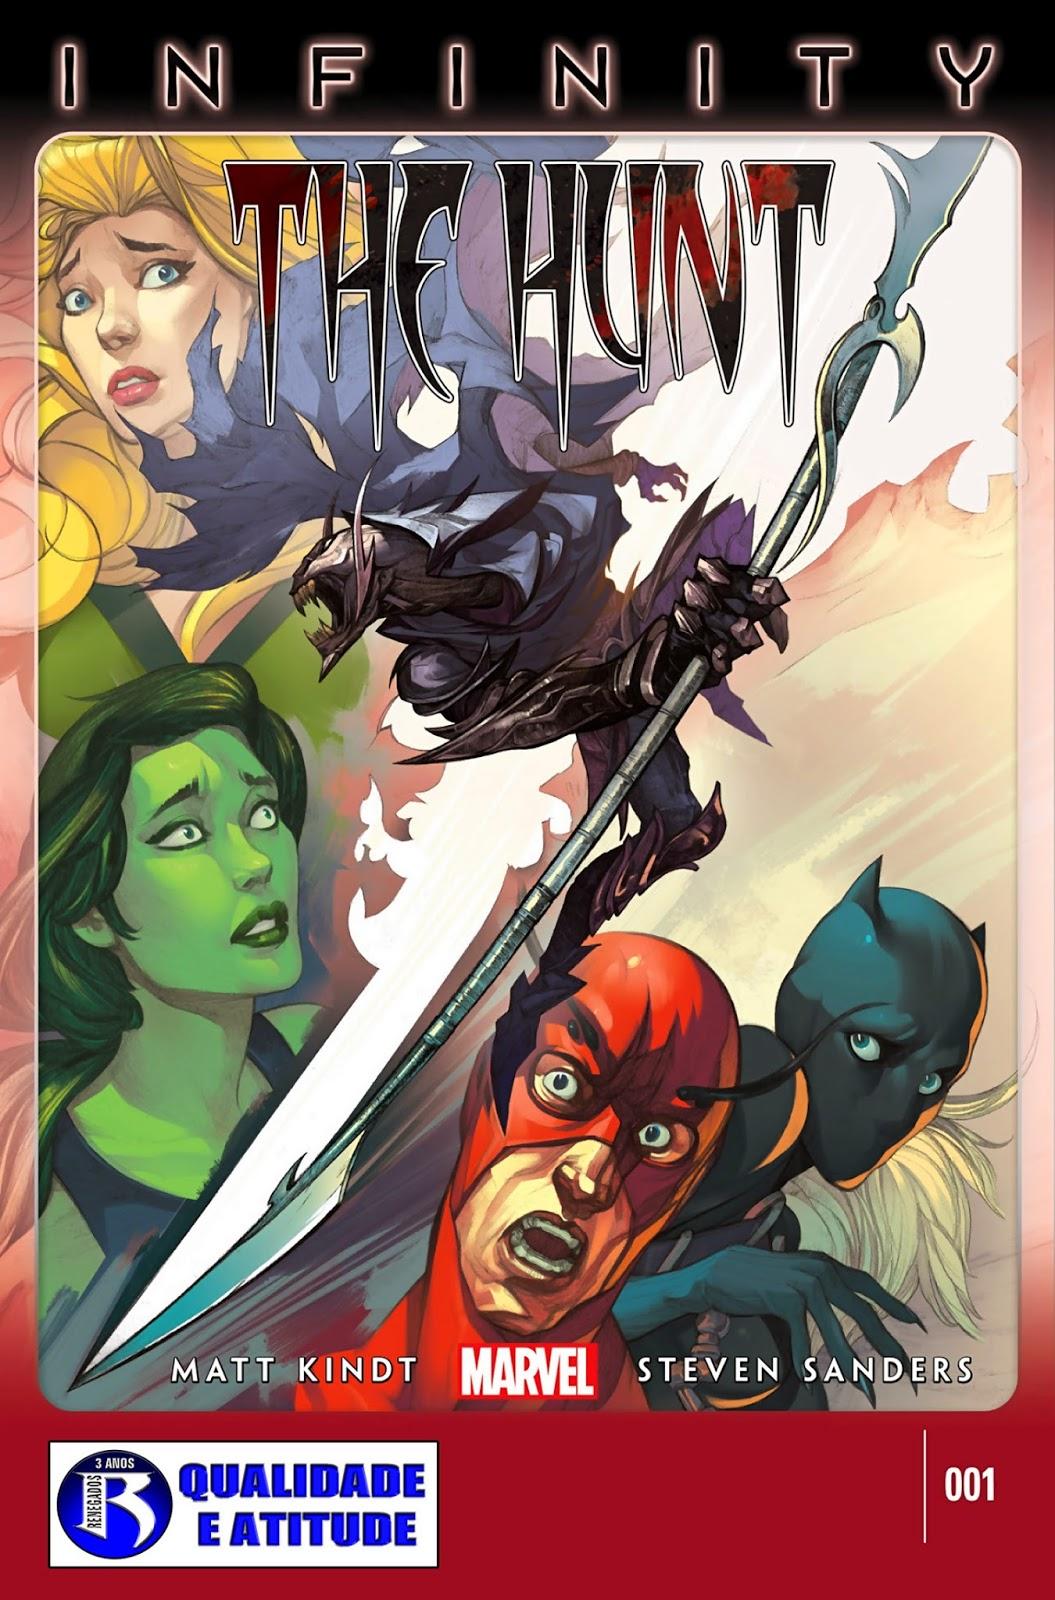 Nova Marvel! Infinito: A Caçada #1